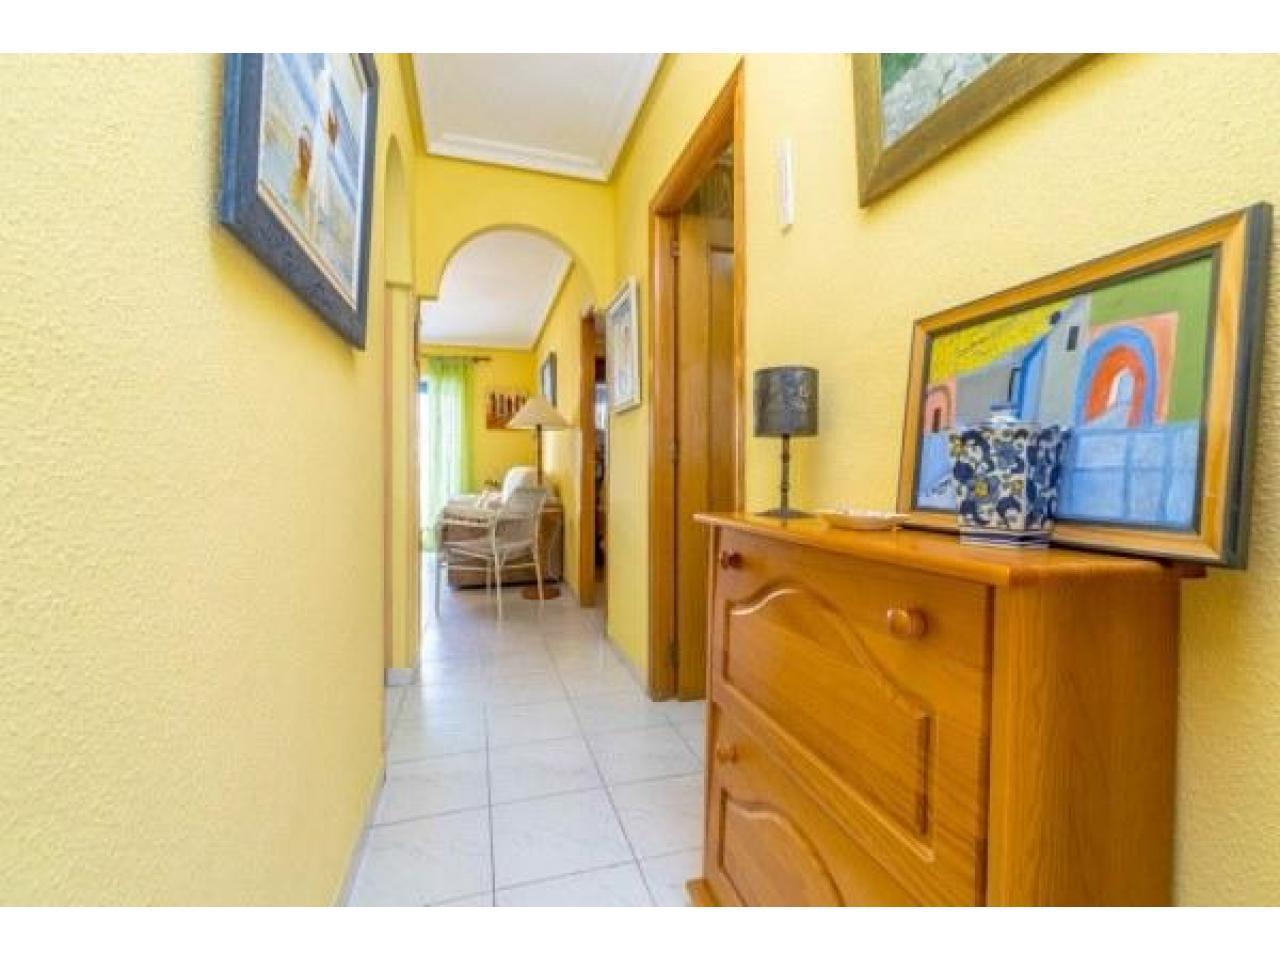 Недвижимость в Испании, Квартира рядом с пляжем в Ла Мата,Торревьеха,Коста Бланка,Испания - 7